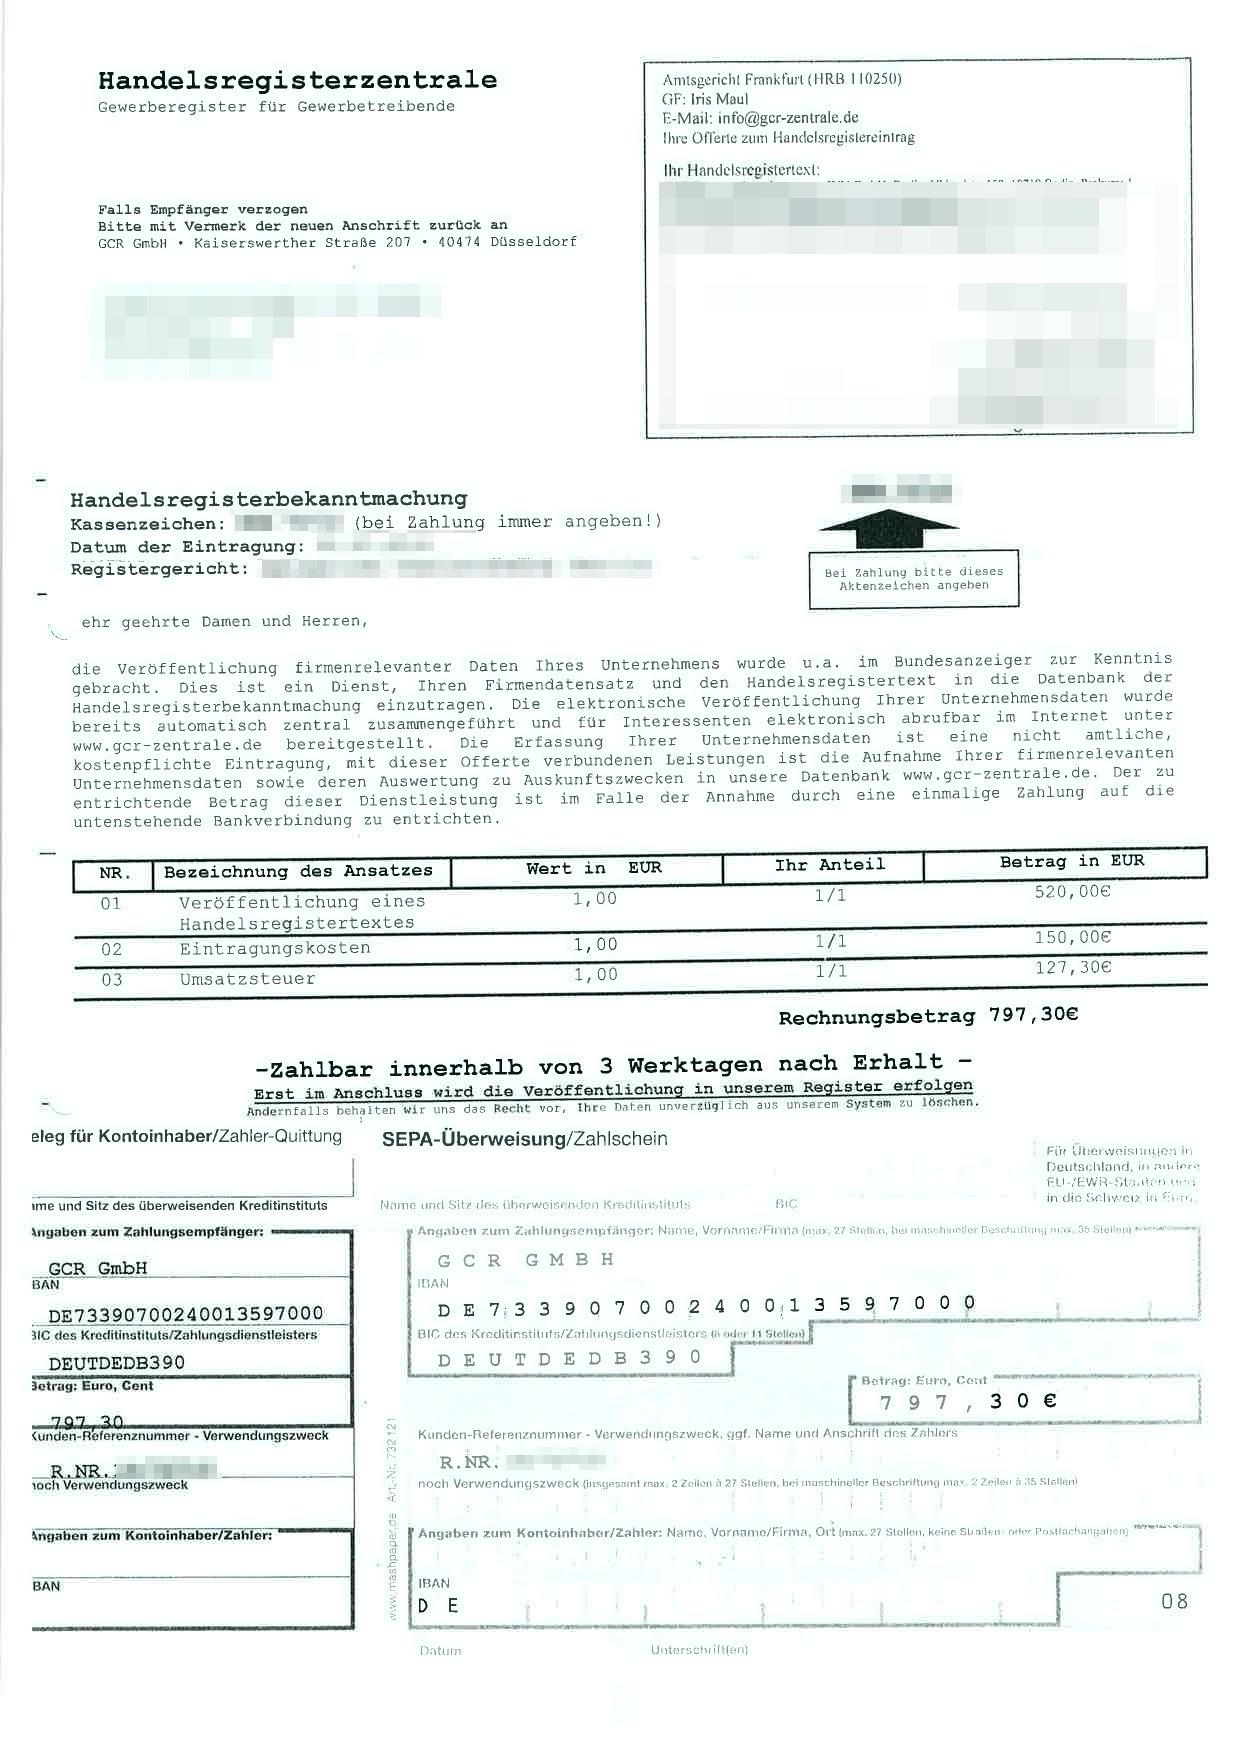 Beispiel für ein Fake Rechnung der GCR Gmbh